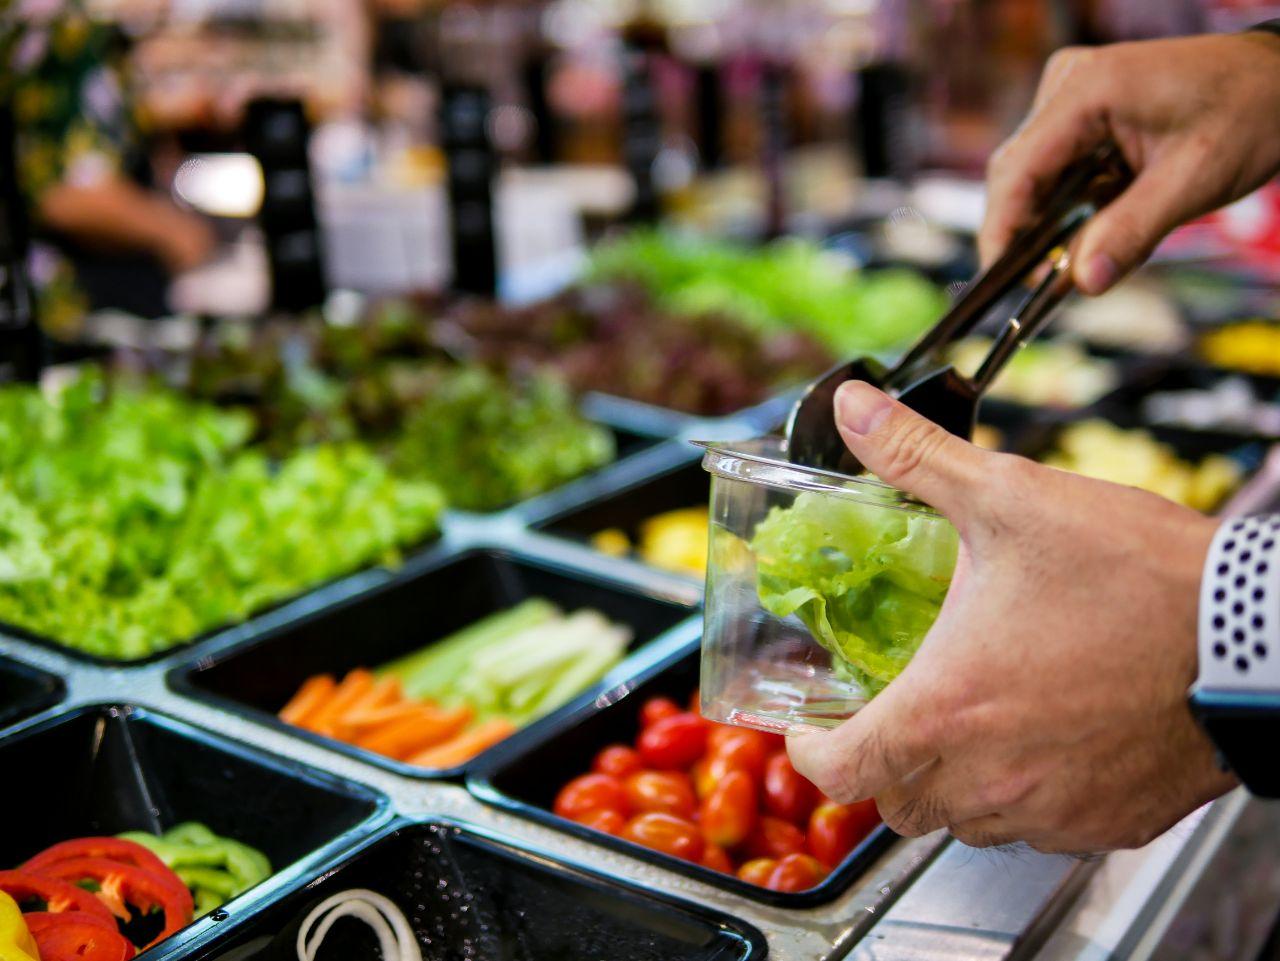 Obst und Gemüse sollte bevorzugt werden.